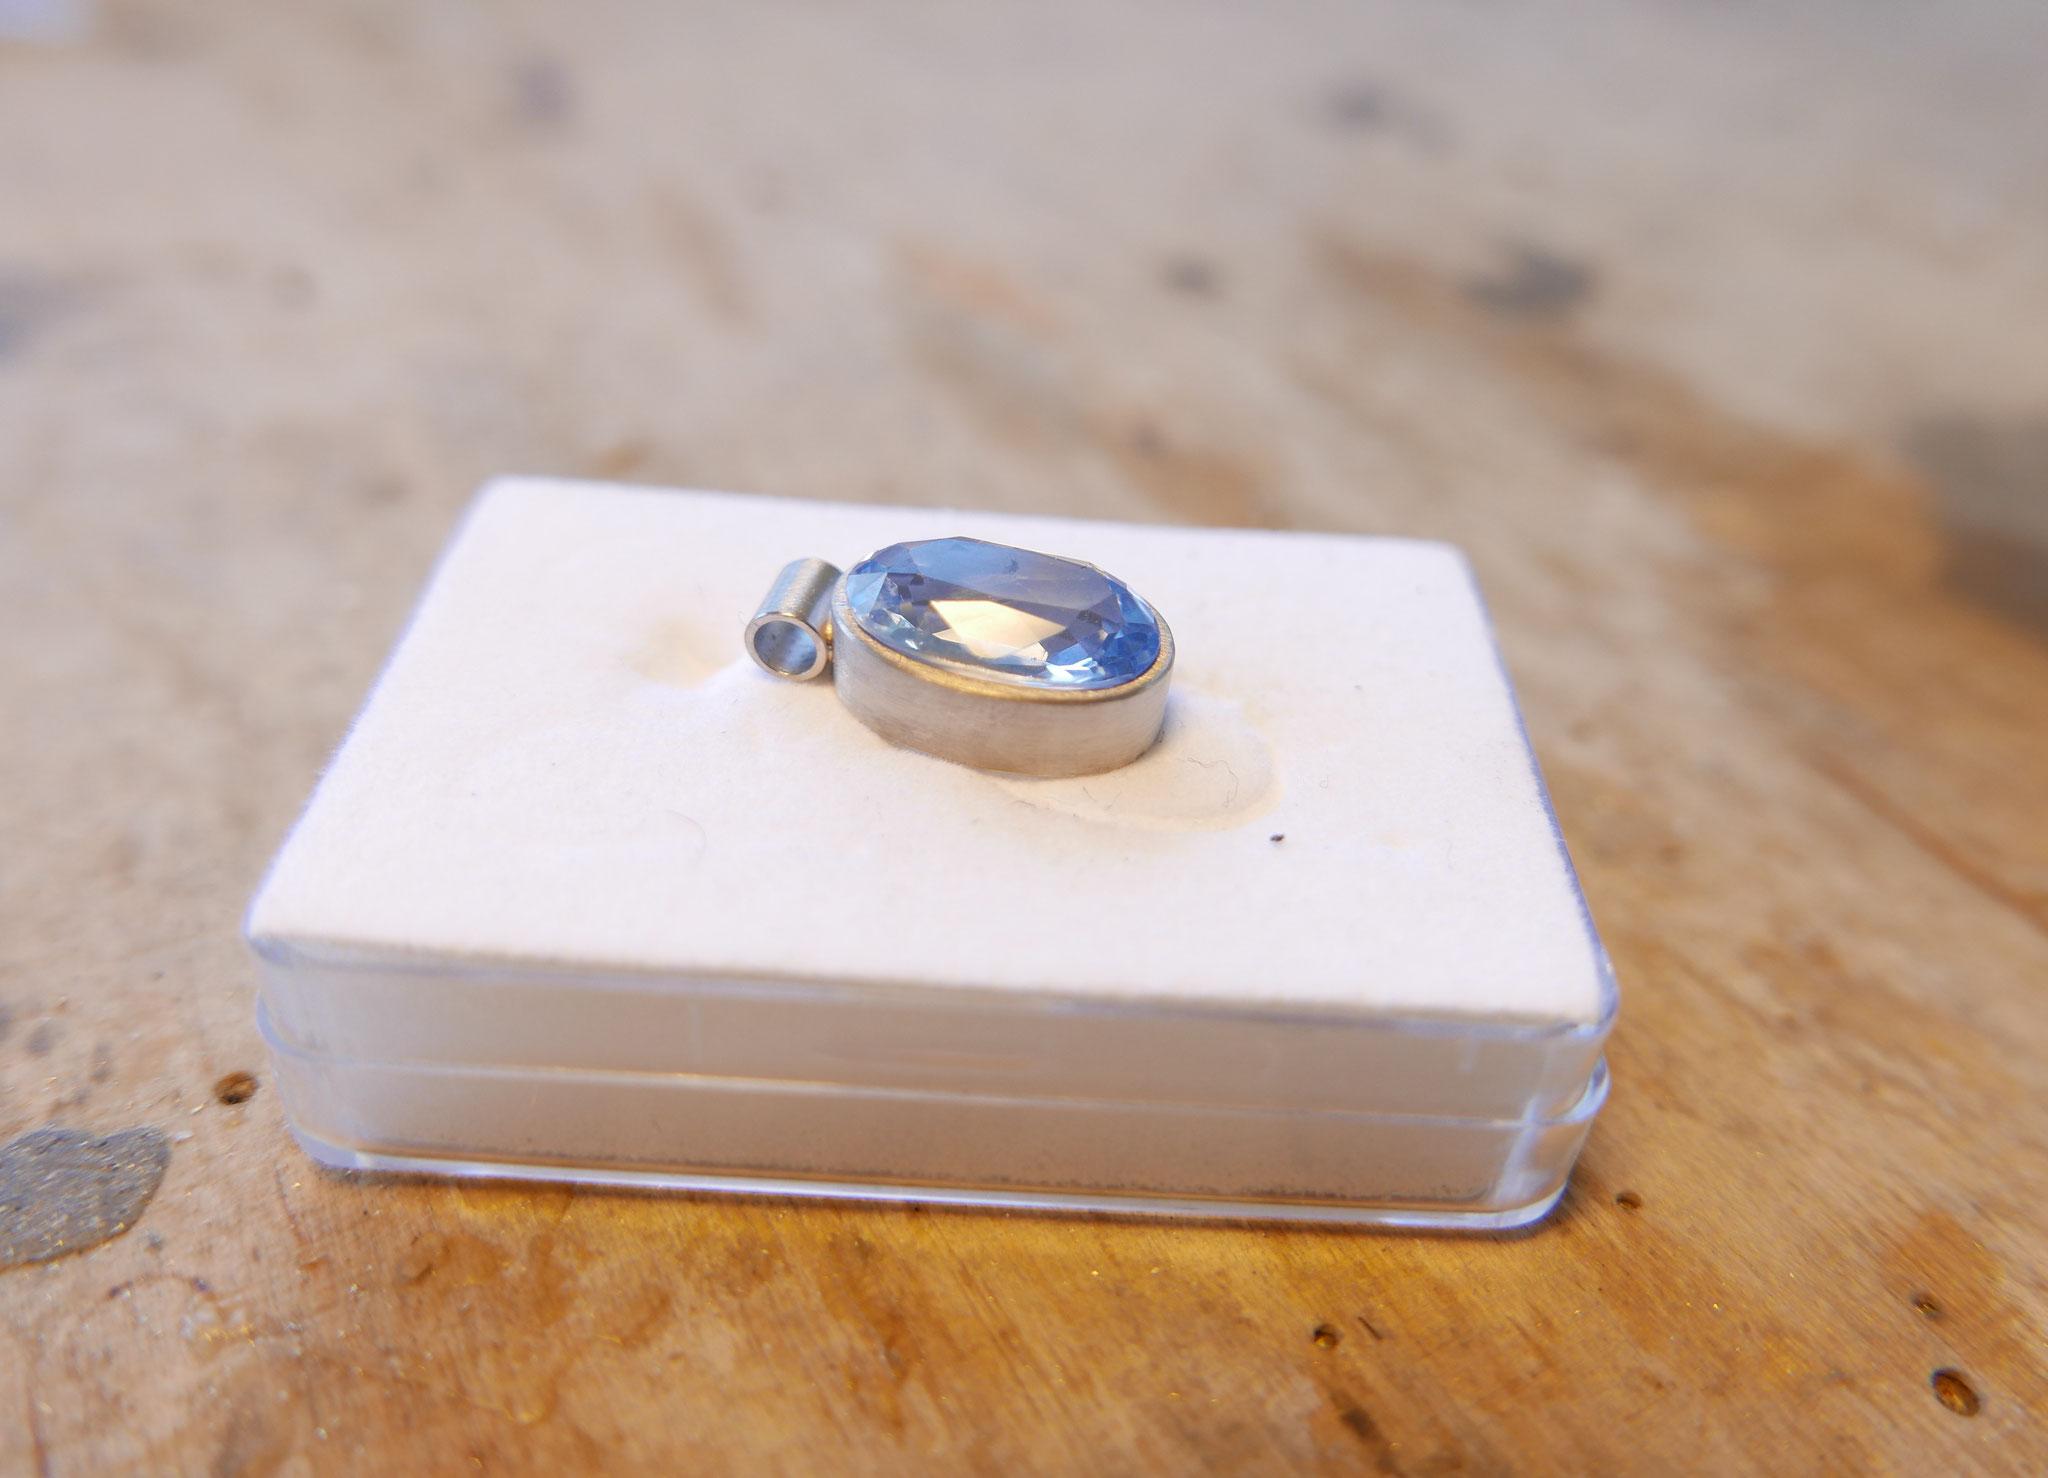 FERTIG nun fasst der Edelsteinfasser  den Stein sicher ein. Das Schmuckstück wird rhodiniert, damit es den besonderen weißen Glanz erhält.